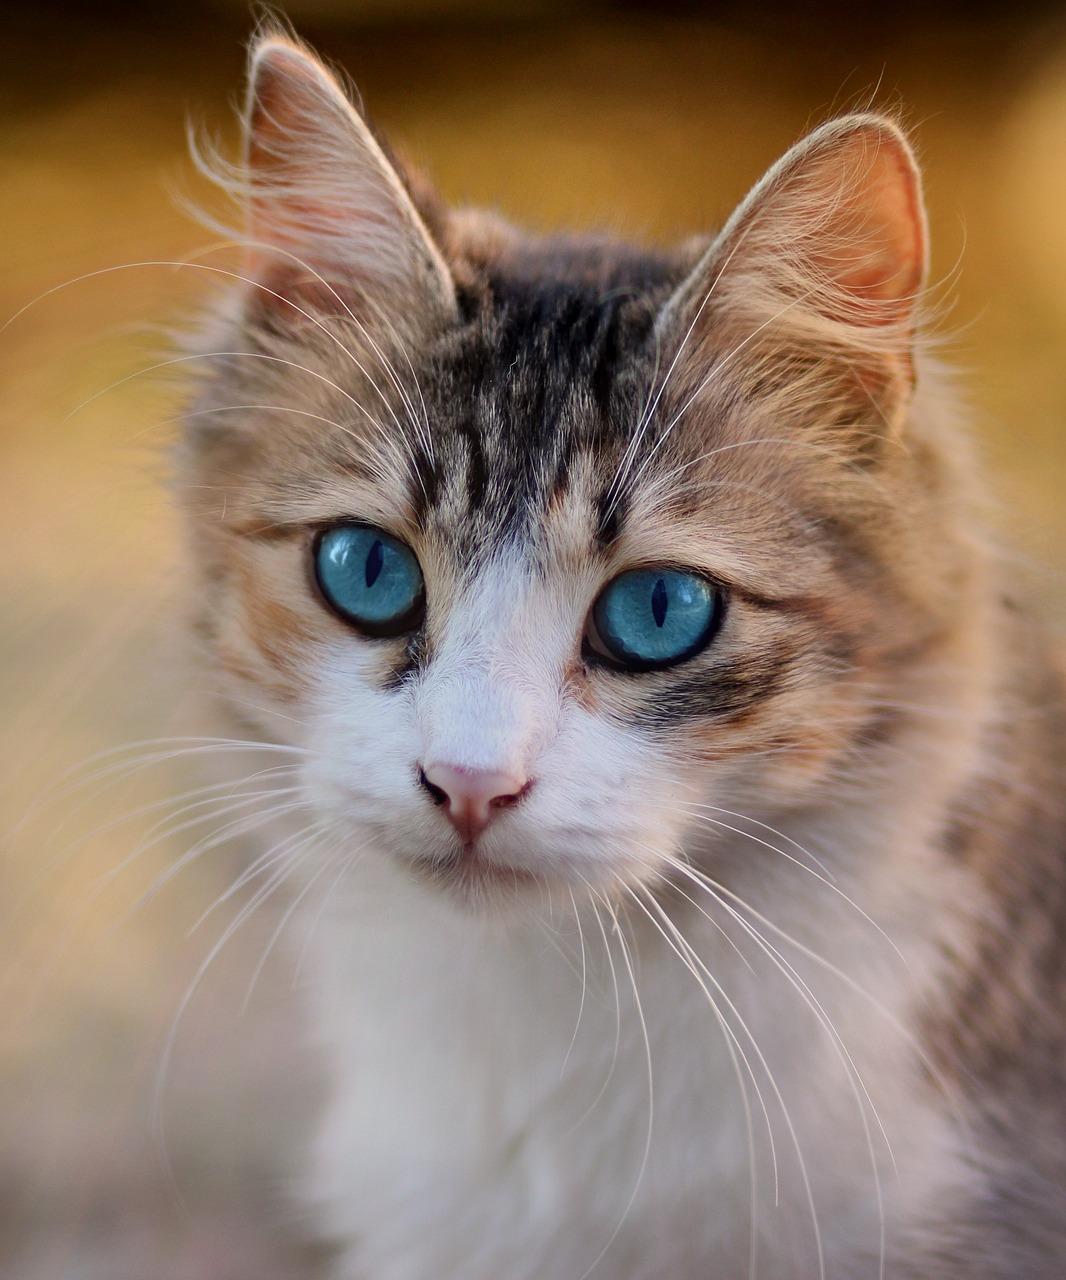 Картинки кота с голубыми глазами